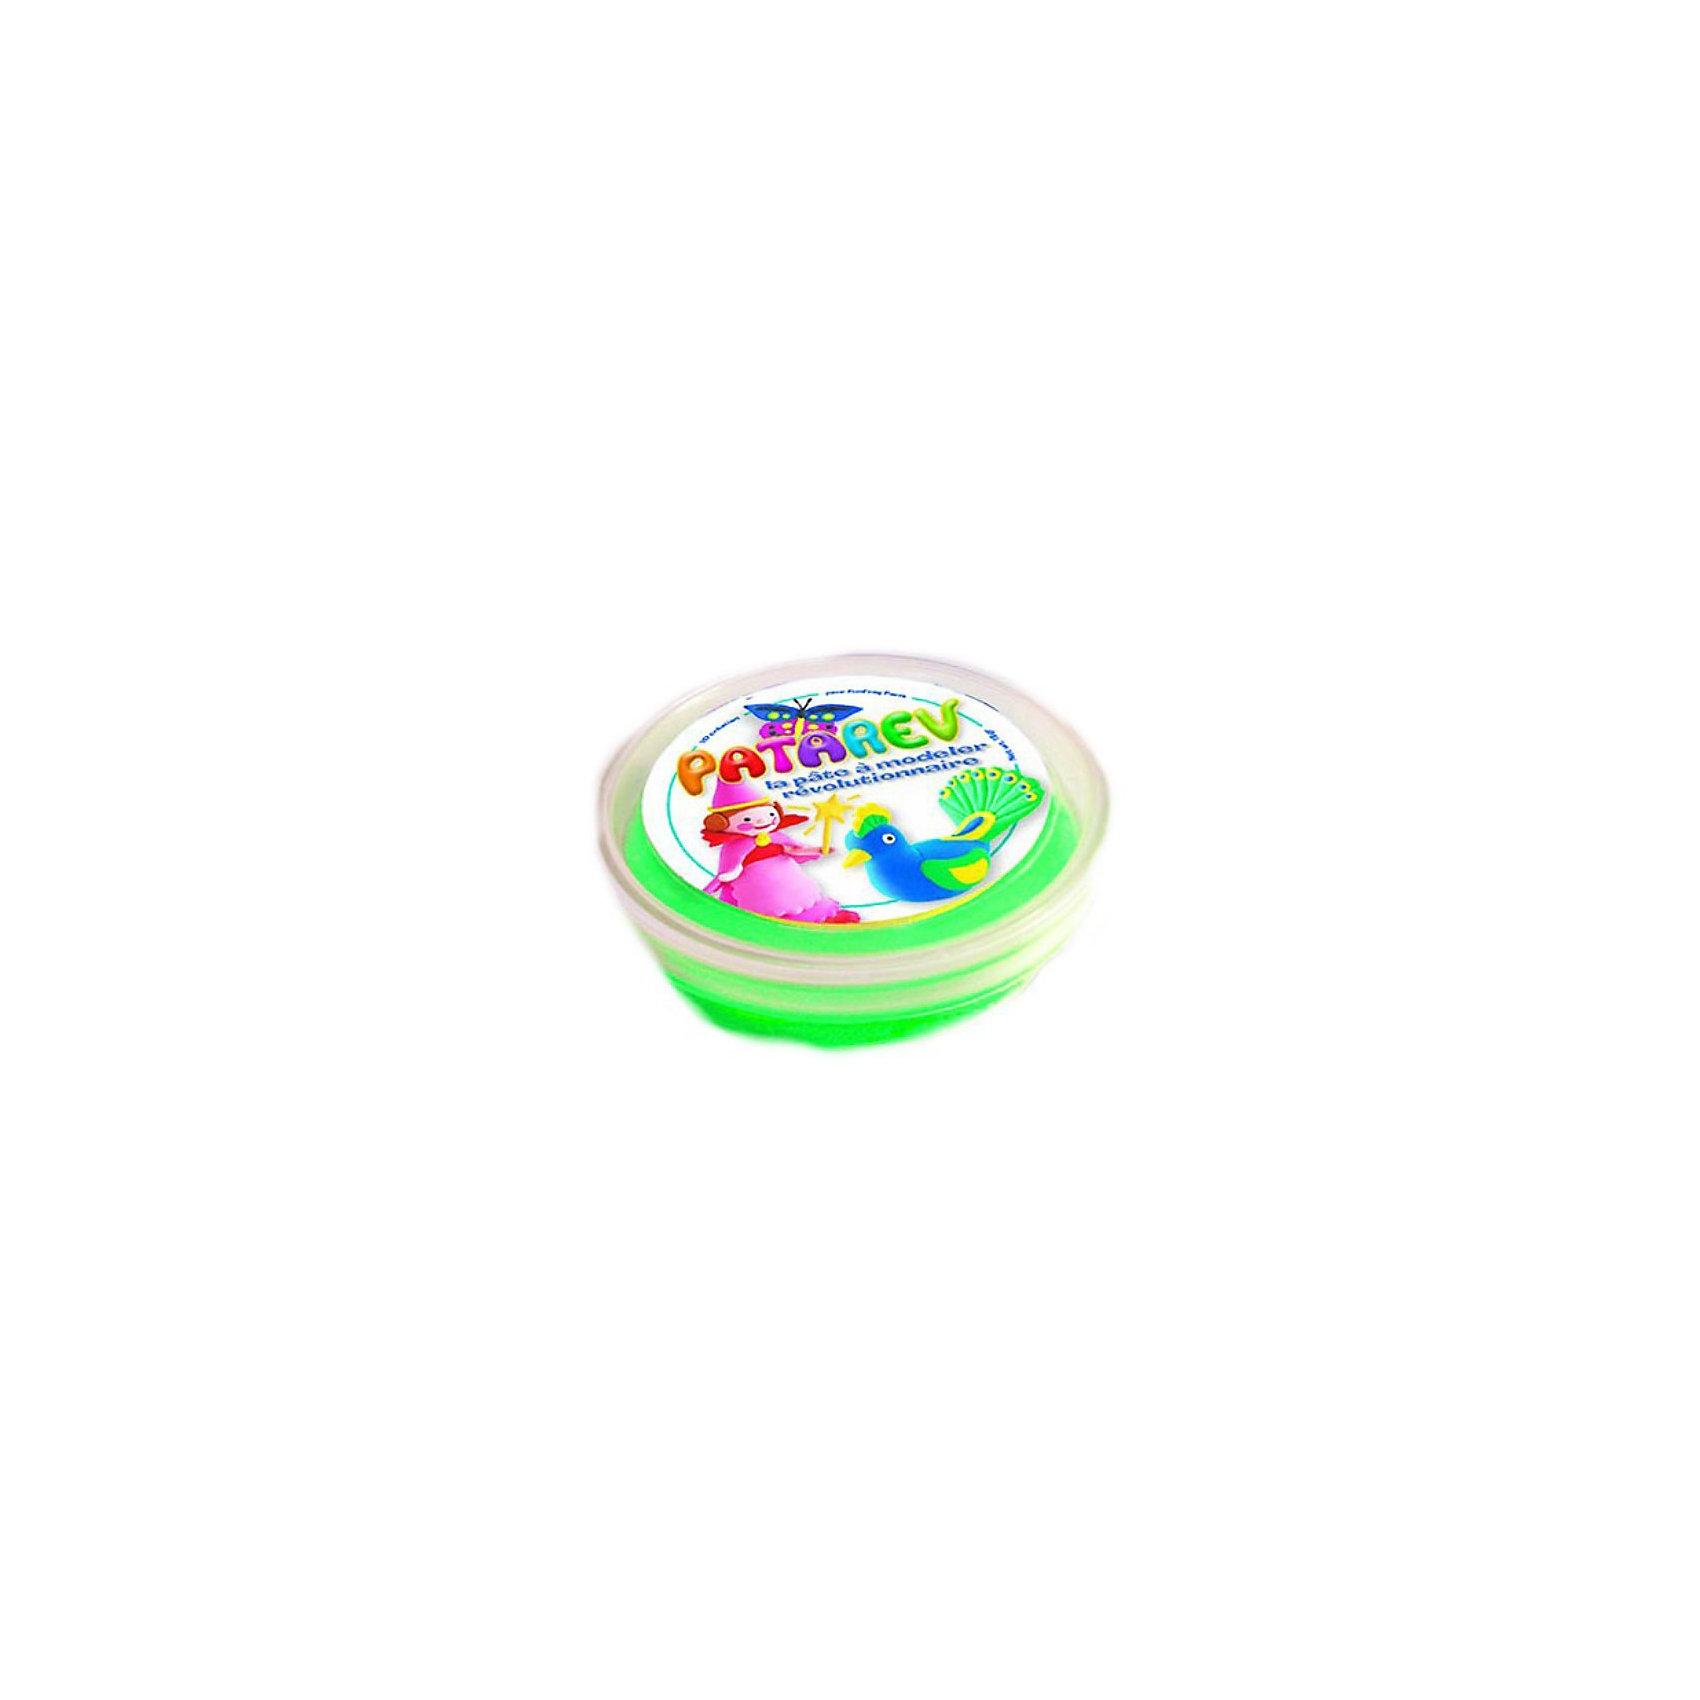 SentoSpherе 863 Пластилин PATAREV 30 грамм (зелёный)SentoSpherе 862 Пластилин PATAREV 30 грамм (зеленый), СентоСфер<br><br>Характеристики:<br><br>• очень мягкий<br>• легко отрезать <br>• можно раскрасить<br>• цвет: зеленый<br>• вес: 30 грамм<br>• размер упаковки: 6,6х6х3 см <br><br>Пластилин Patarev порадует каждого любителя лепки. Он очень мягкий, легко принимает любую форму и хорошо разрезается. После засыхания пластилина ребенок сможет раскрасить готовую фигурку, воплотив все свои идеи. Для того, чтобы снова начать работать с пластилином, достаточно добавить к нему немного воды. Удобная упаковка - банка поможет хранить пластилин даже после использования.<br><br>SentoSpherе 862 Пластилин PATAREV 30 грамм (зеленый), СентоСфер можно купить в нашем интернет-магазине.<br><br>Ширина мм: 50<br>Глубина мм: 30<br>Высота мм: 50<br>Вес г: 35<br>Возраст от месяцев: 36<br>Возраст до месяцев: 84<br>Пол: Унисекс<br>Возраст: Детский<br>SKU: 2176777